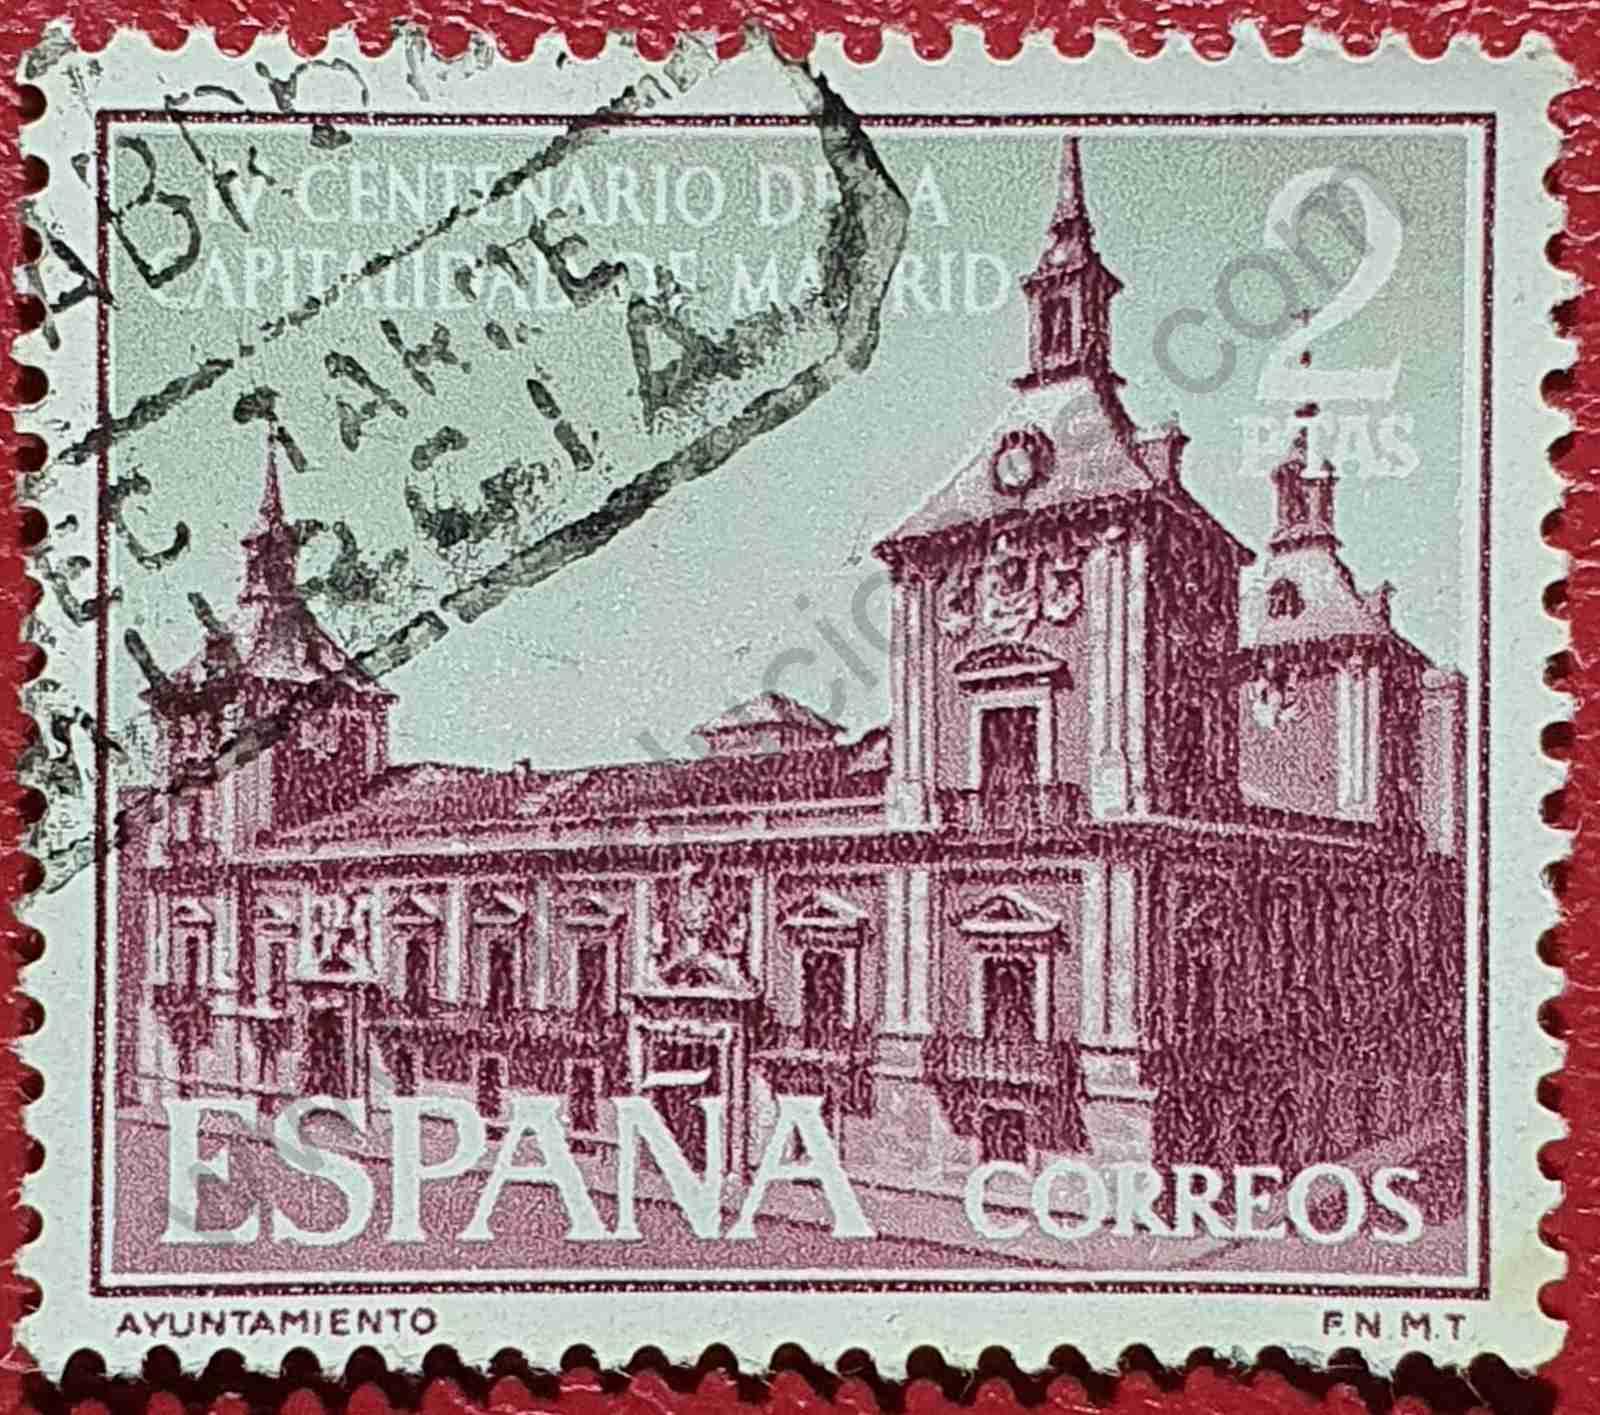 Ayuntamiento de Madrid - Sello España 1961